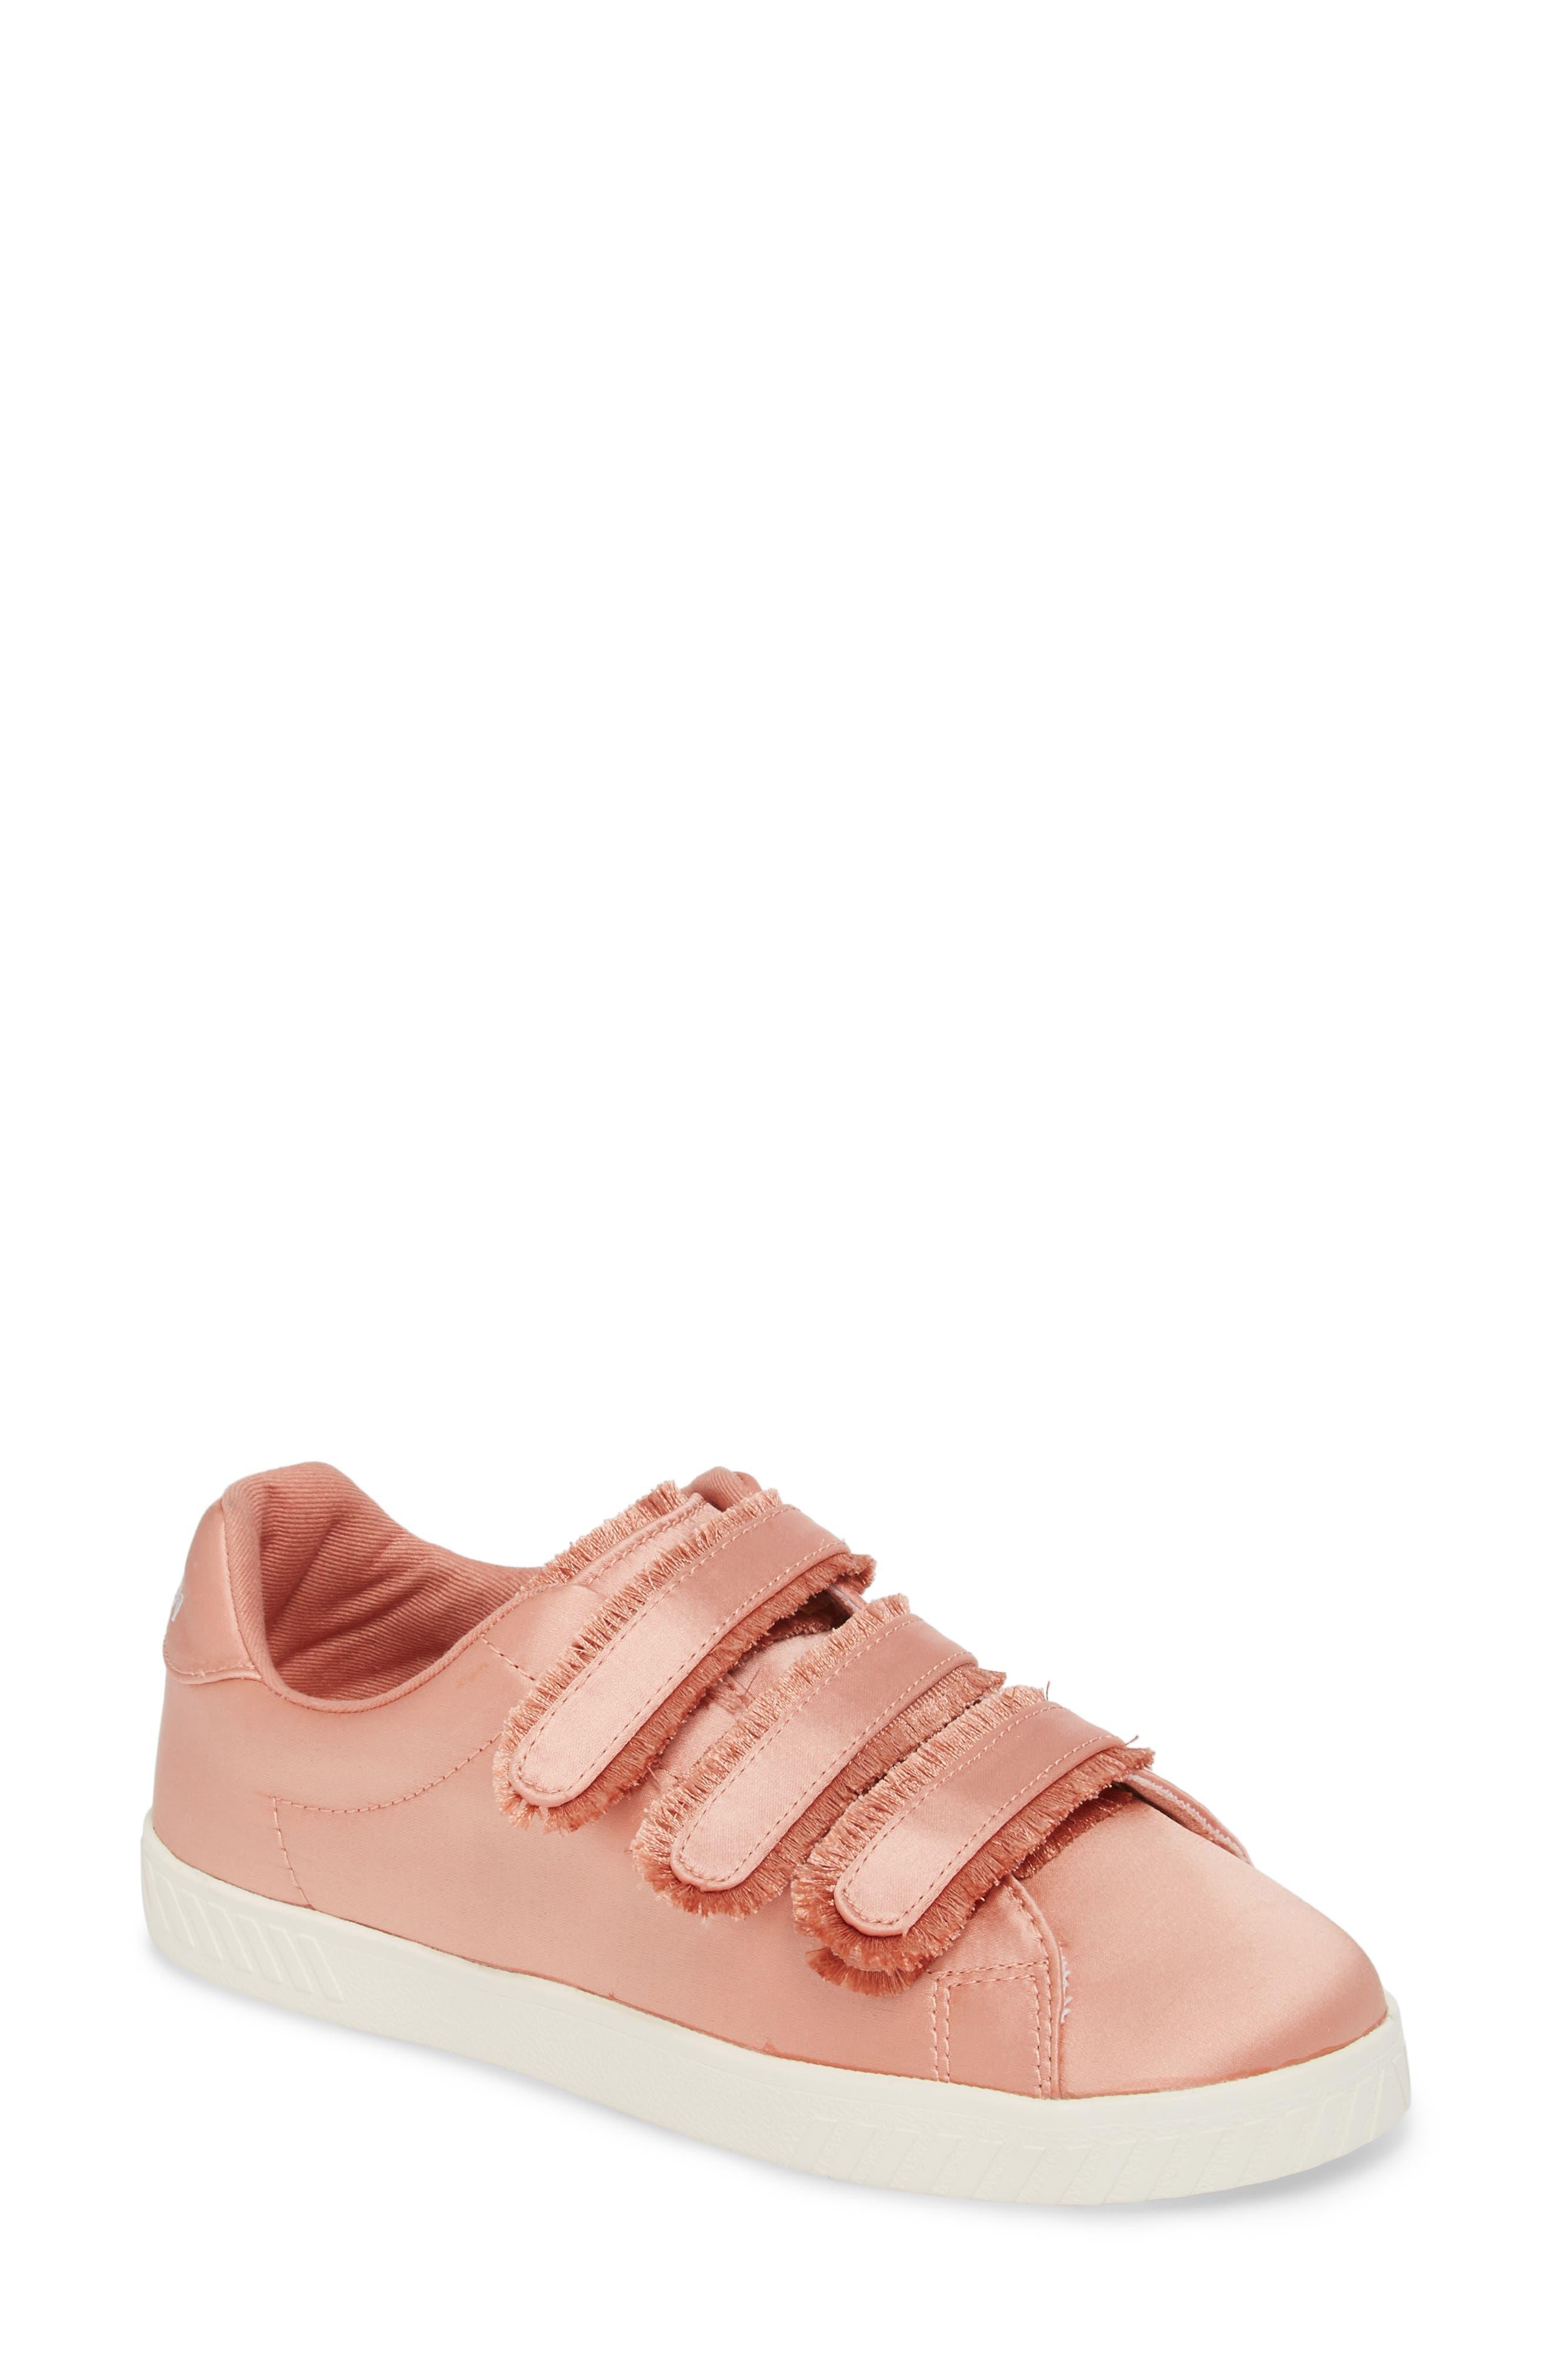 Tretorn Women's Fringed Strap Sneaker B7VEW